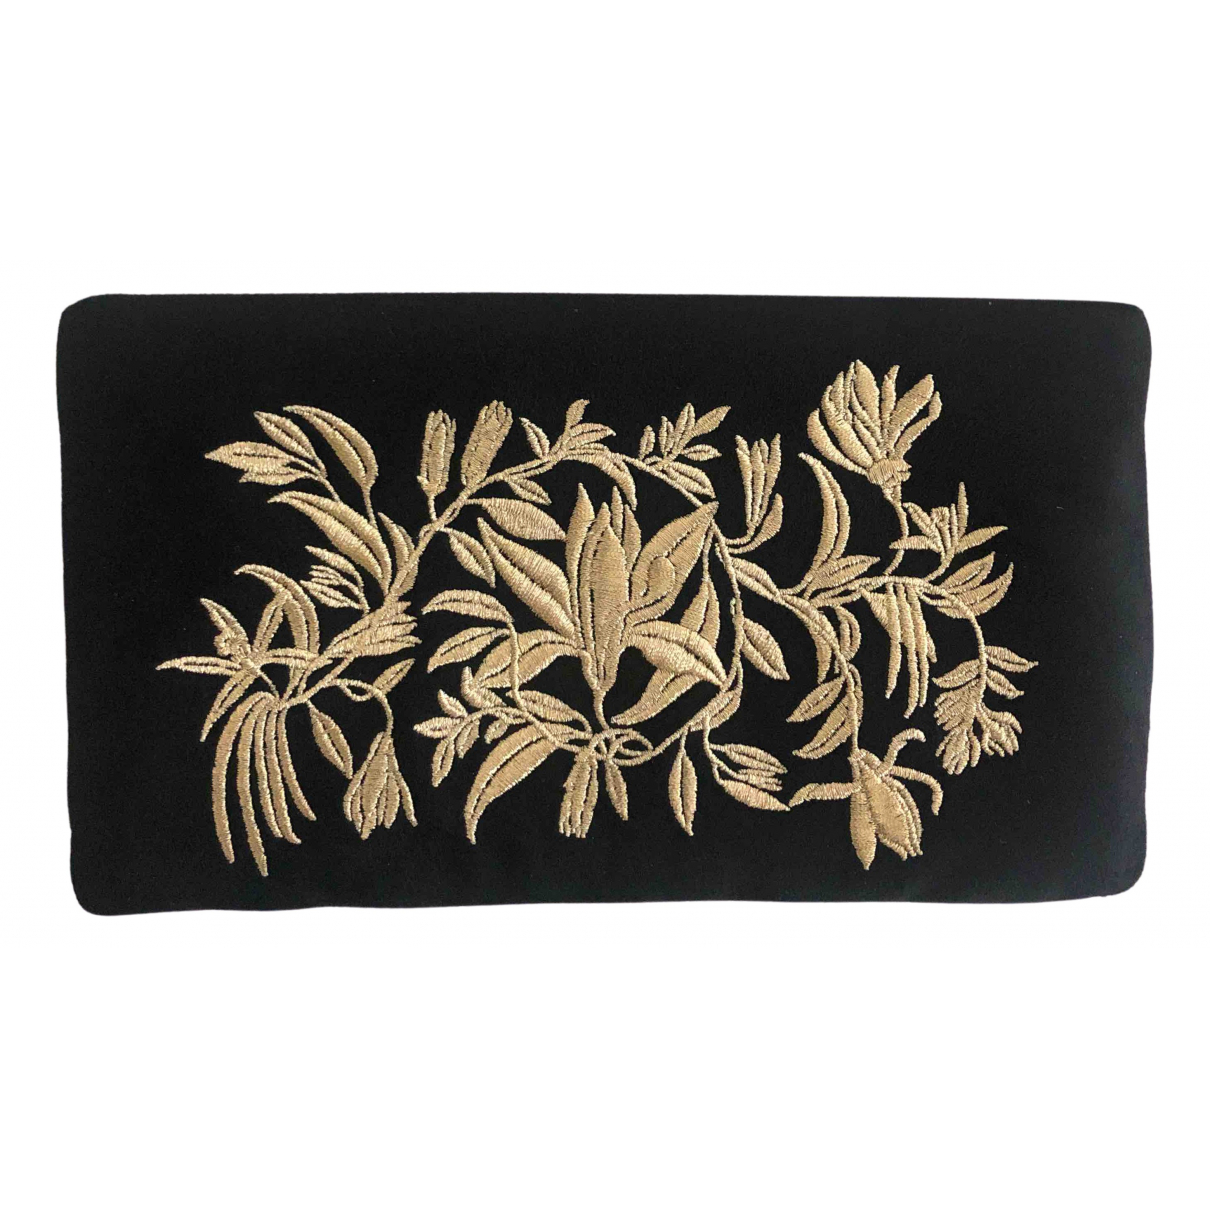 Bolsos clutch en Ante Negro Chanel